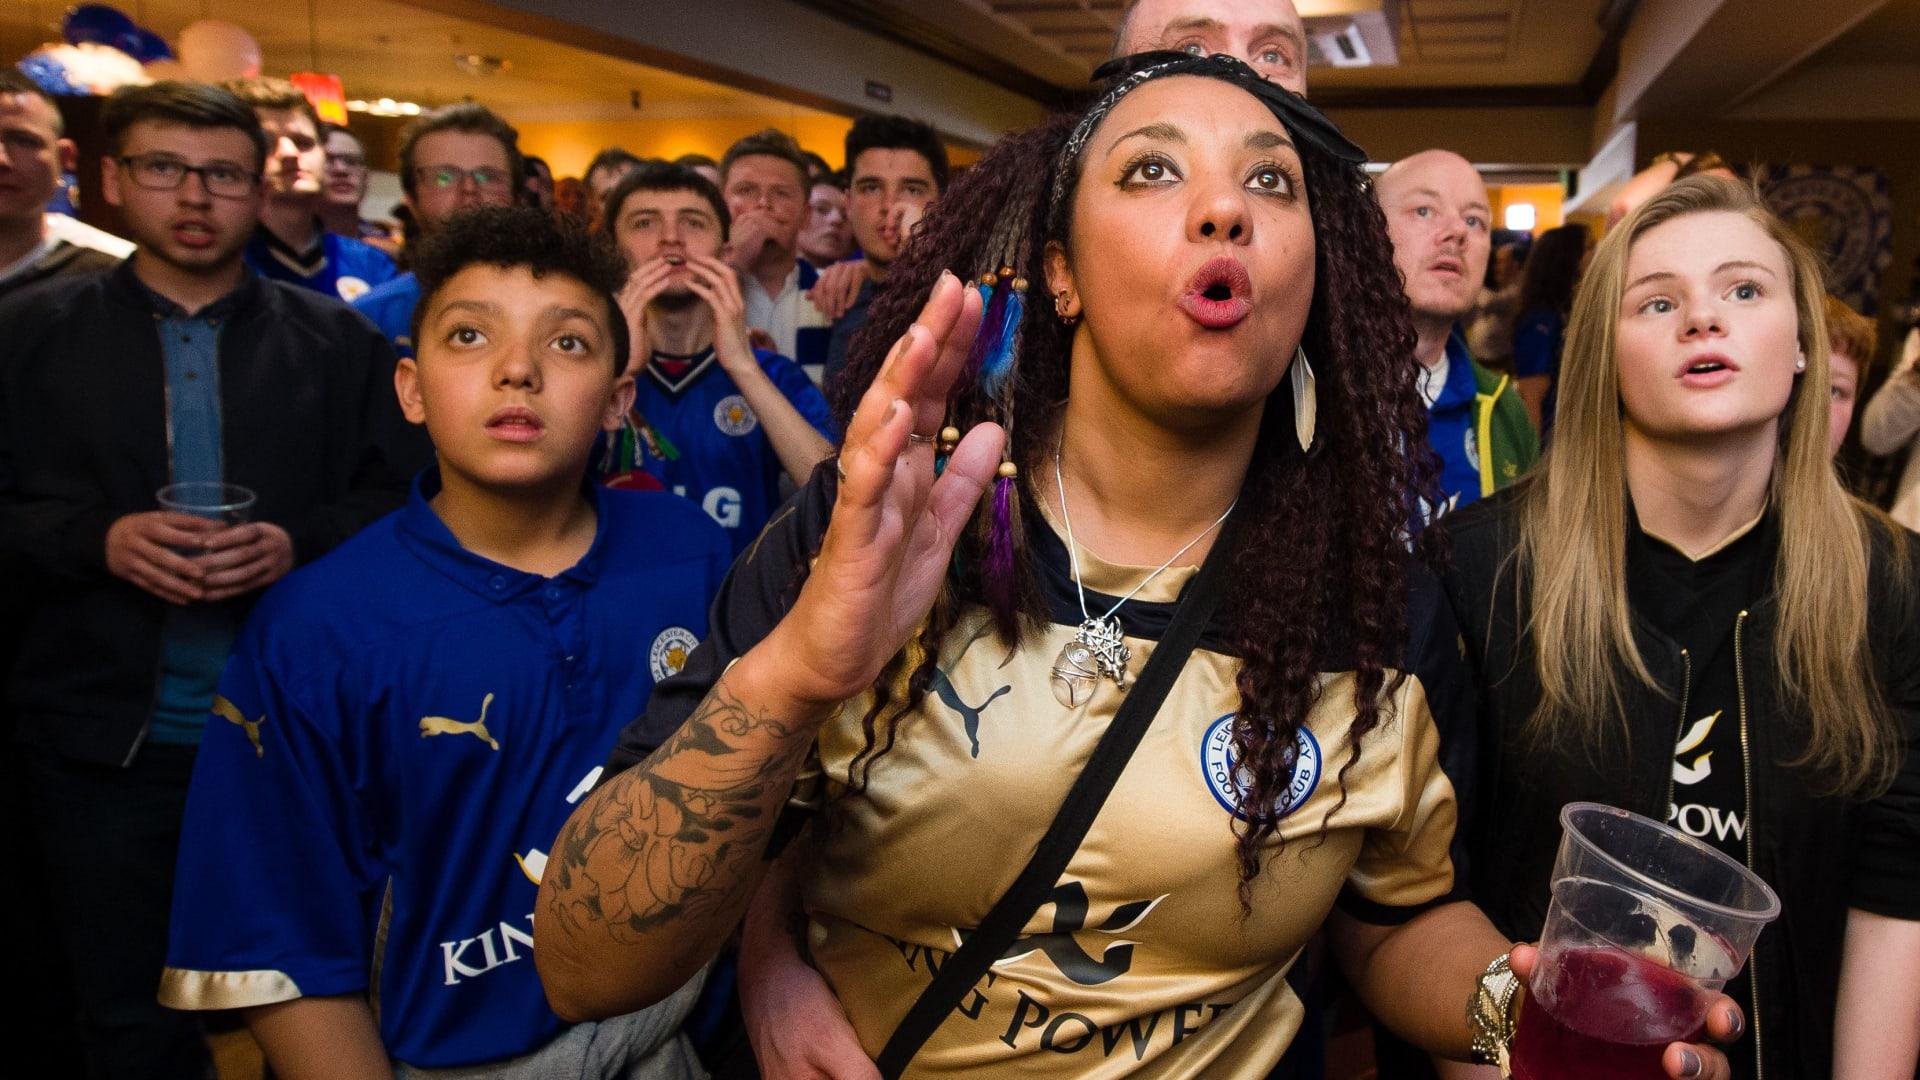 بالصور: مانشستر يونايتد يؤجل حلم ليستر سيتي بالتتويج على مسرح الأحلام